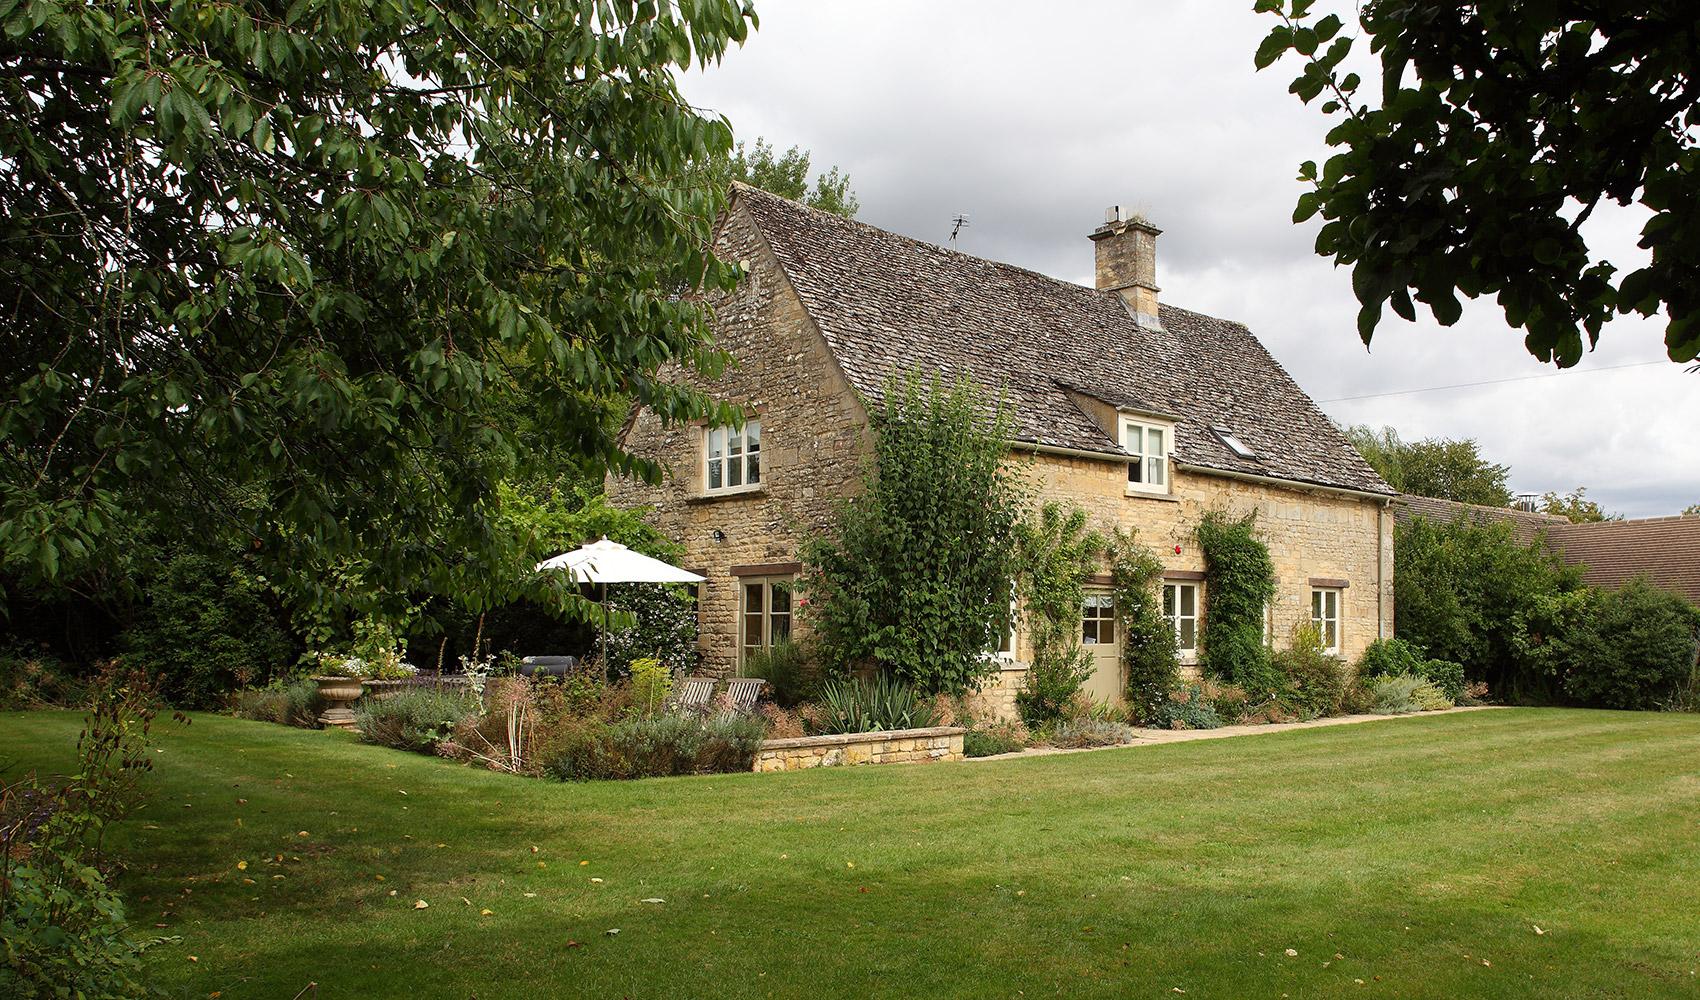 Bookers Cottage Bruern Cottages